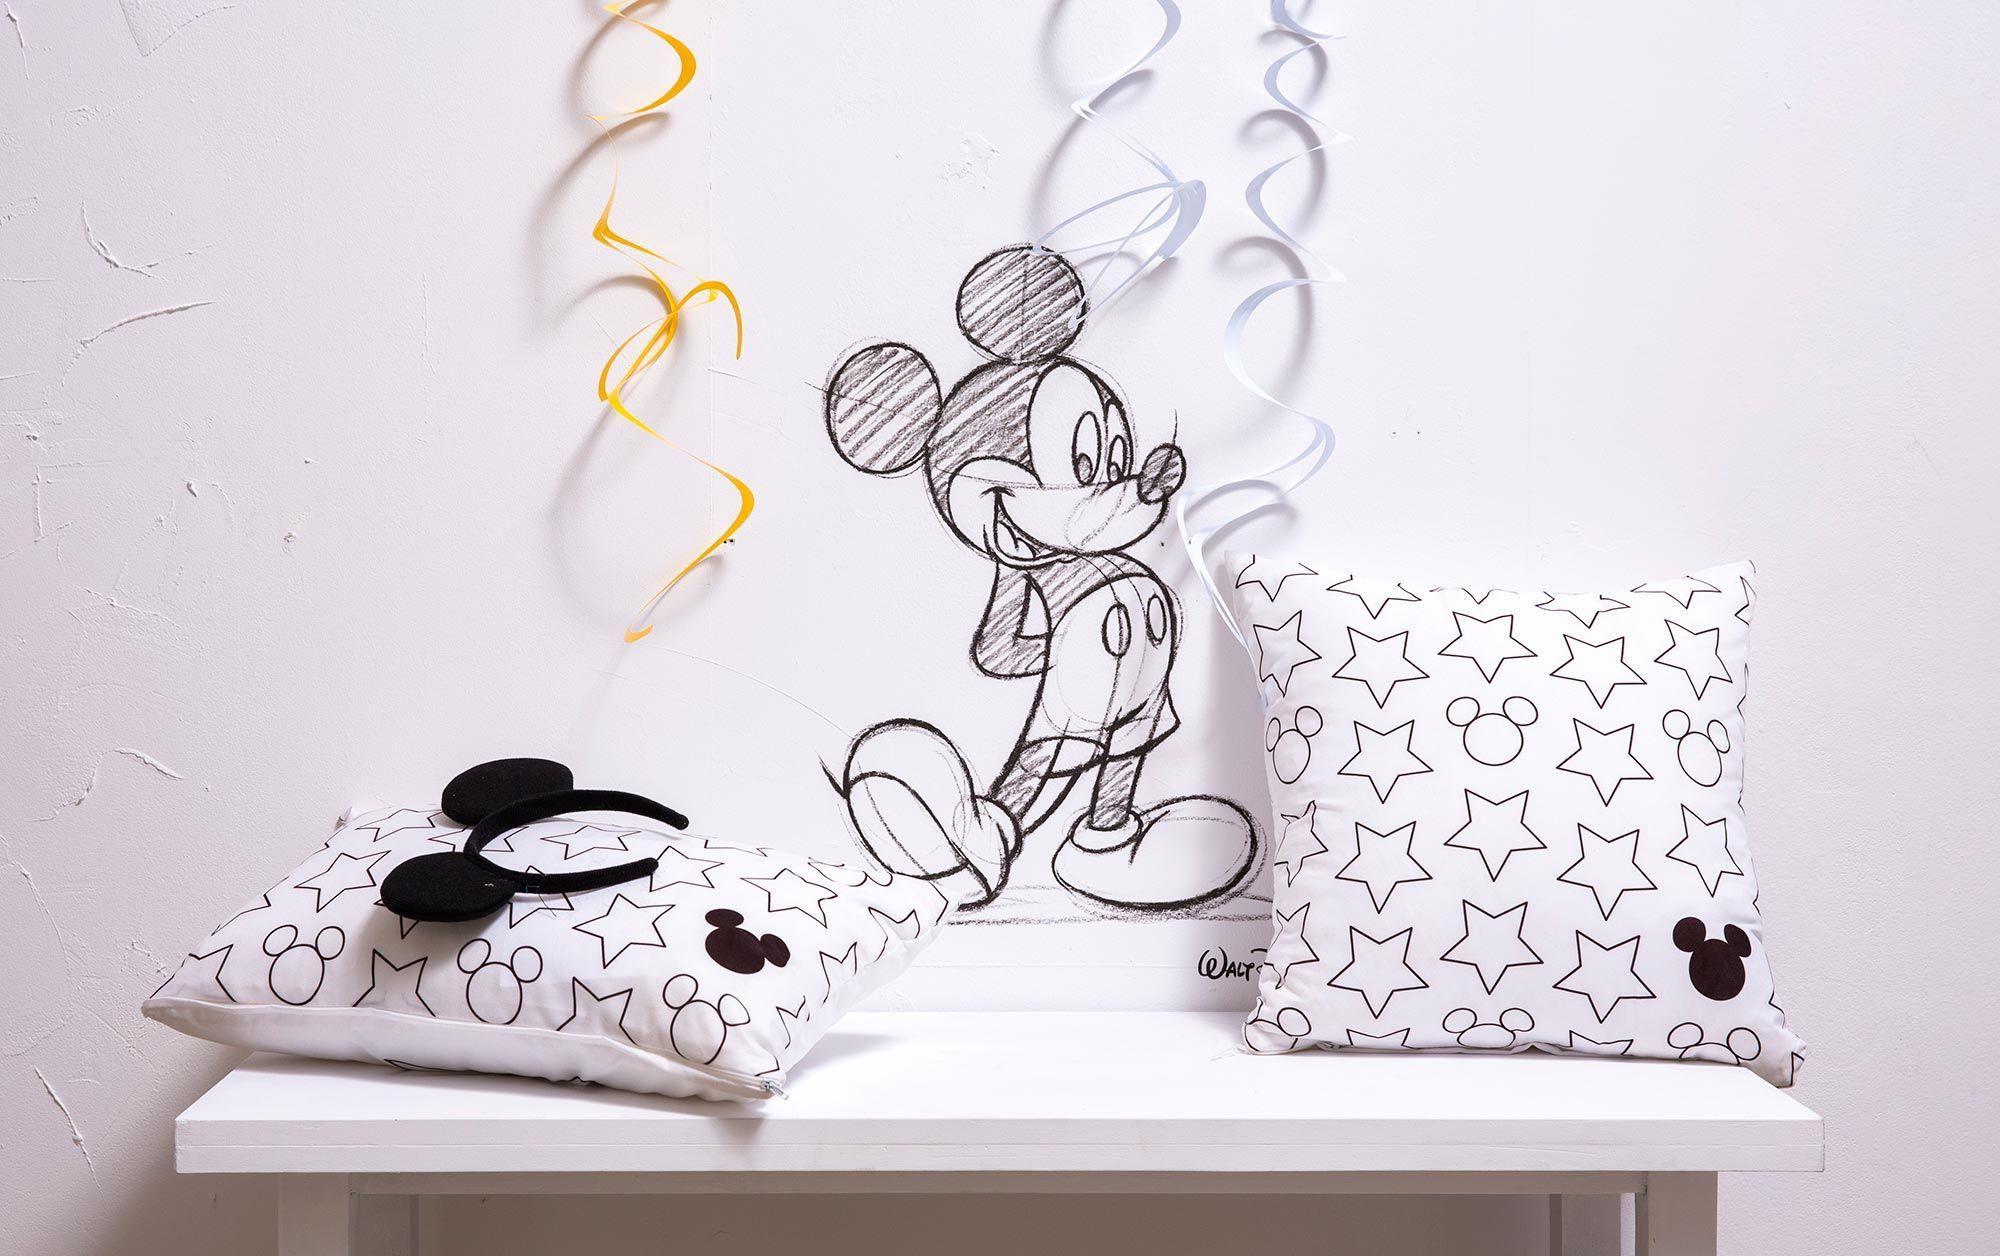 Décoration Mickey Mouse série limitée Leroy Merlin